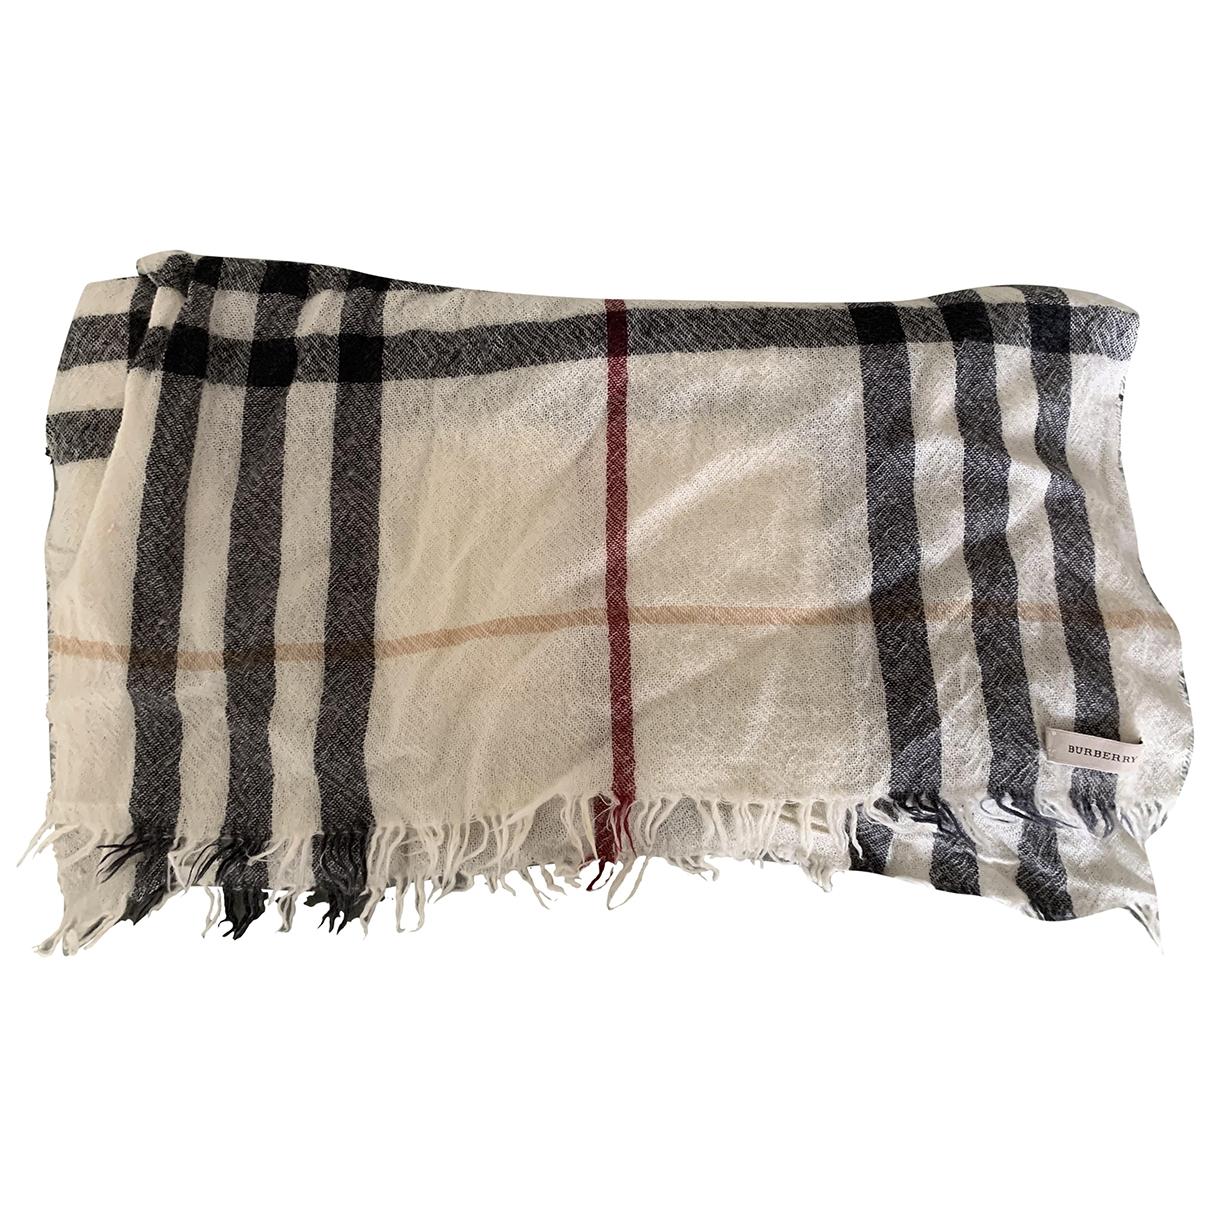 Burberry - Foulard   pour femme en laine - blanc